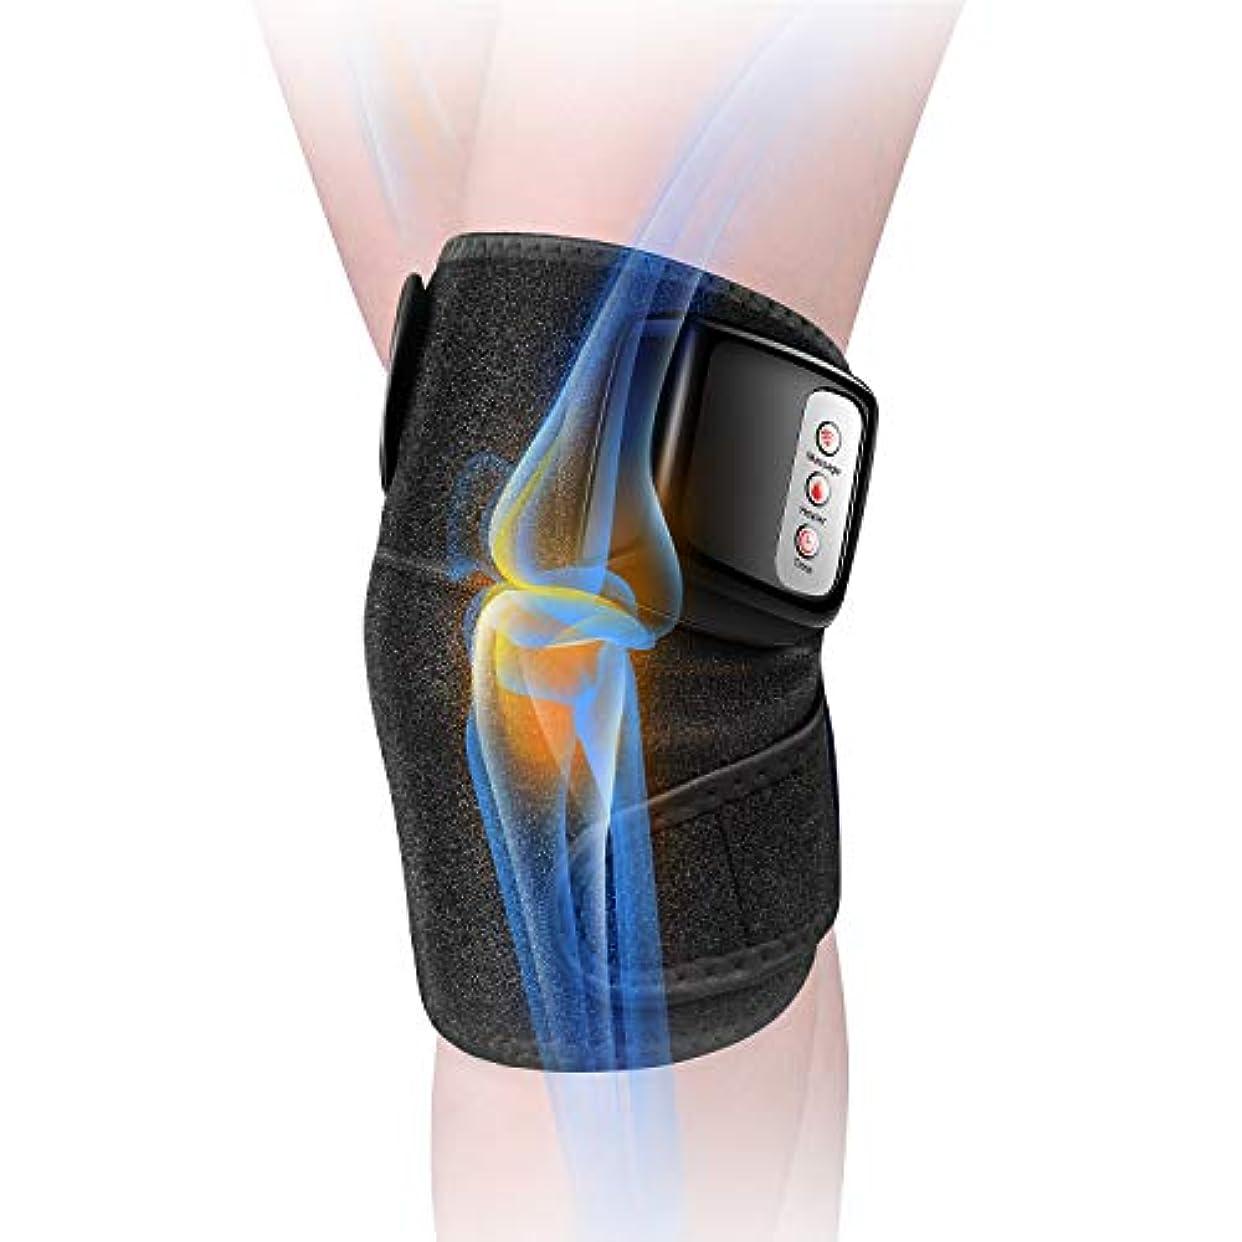 現象ハウス未接続膝マッサージャー 関節マッサージャー マッサージ器 フットマッサージャー 振動 赤外線療法 温熱療法 膝サポーター ストレス解消 肩 太もも/腕対応